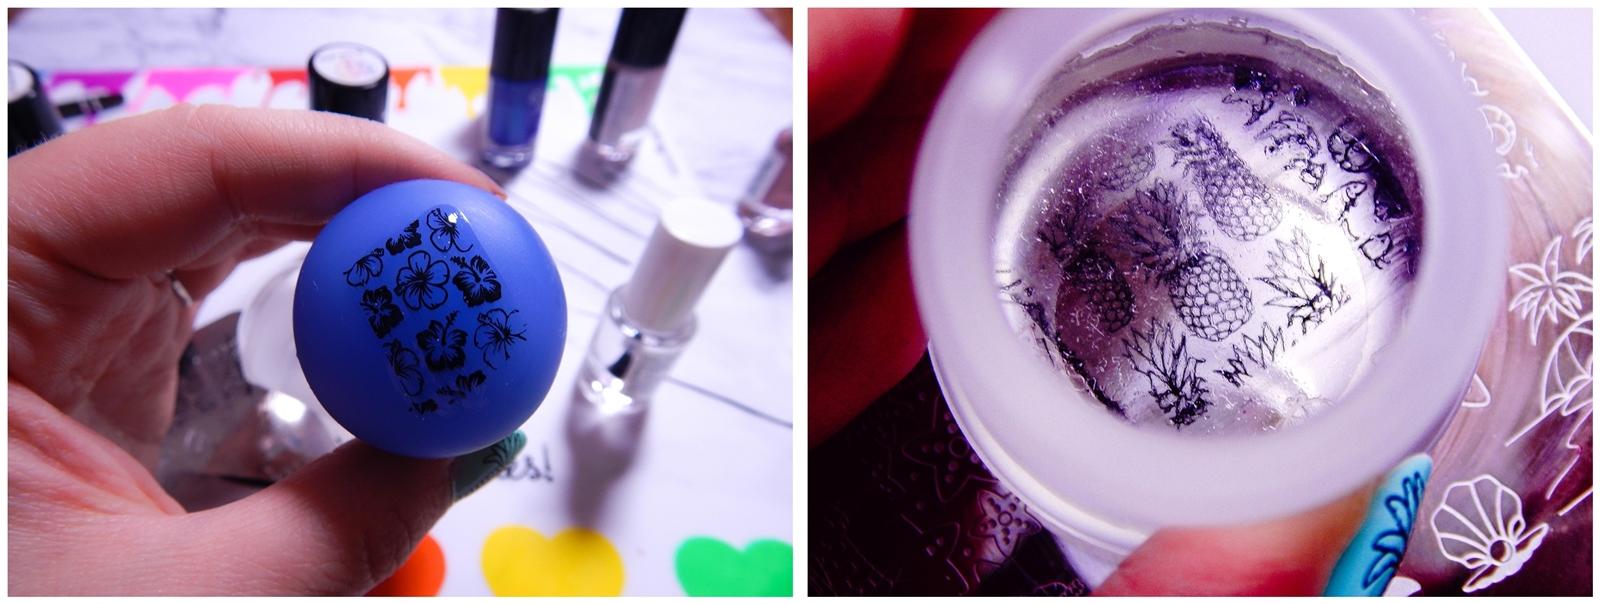 5 B LOVES PLATES stemplowanie krok po kroku tutorial opinie modne wzory na paznokcie na wakacje wakacyjne stemple manicure hybrydowy zwykły lakiery do stempli silikonowa podkladka płytki z wzorami